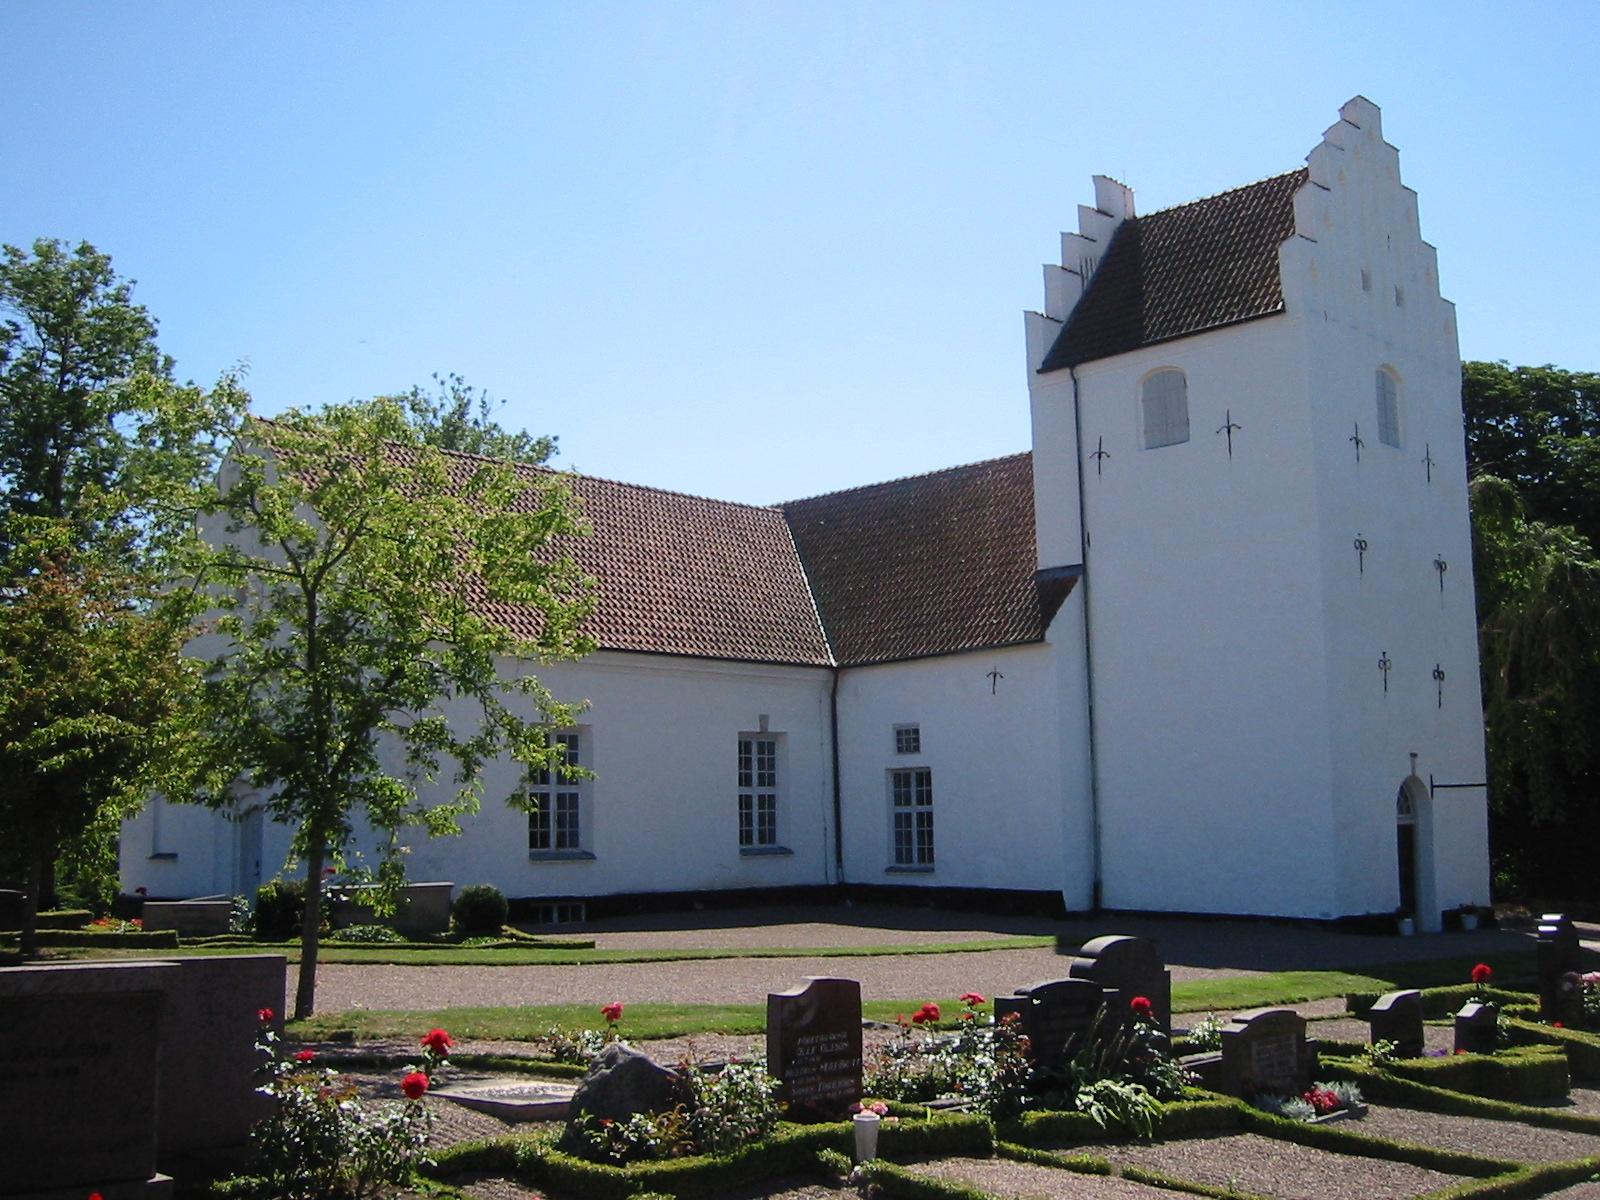 Kgerds kyrka - Kringla